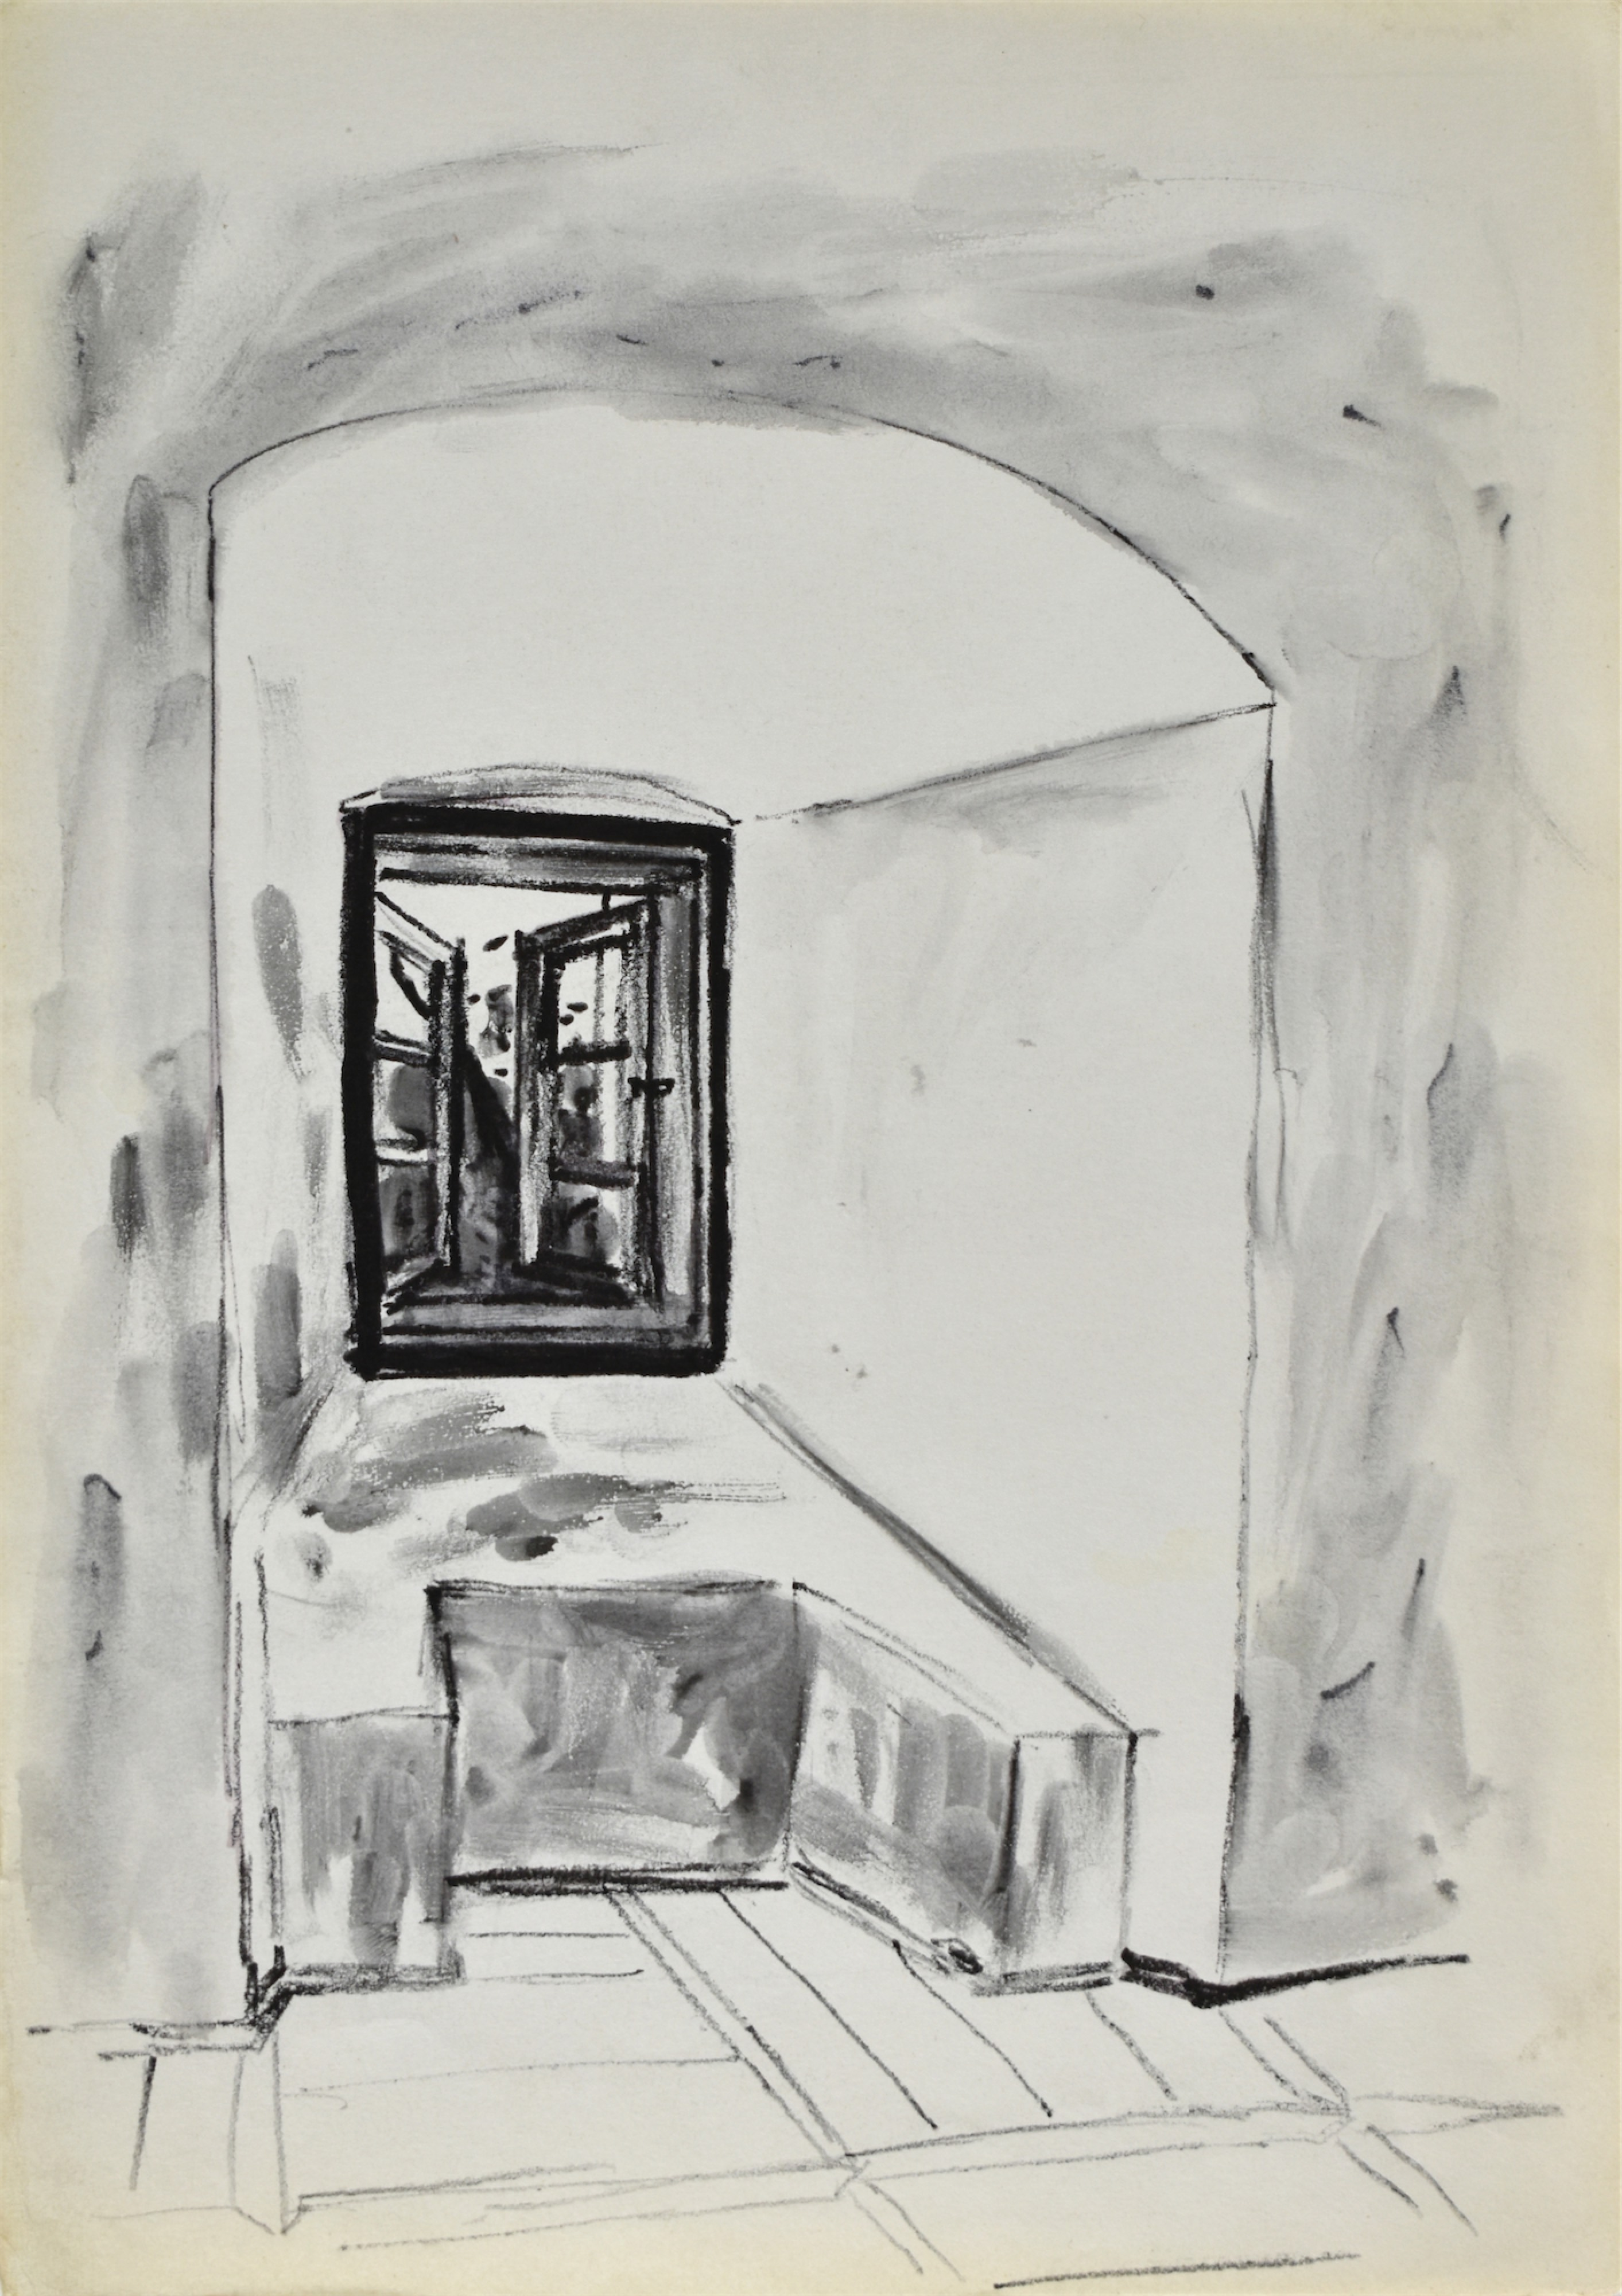 Szkic fragmentu wnętrza z wnęką okienną